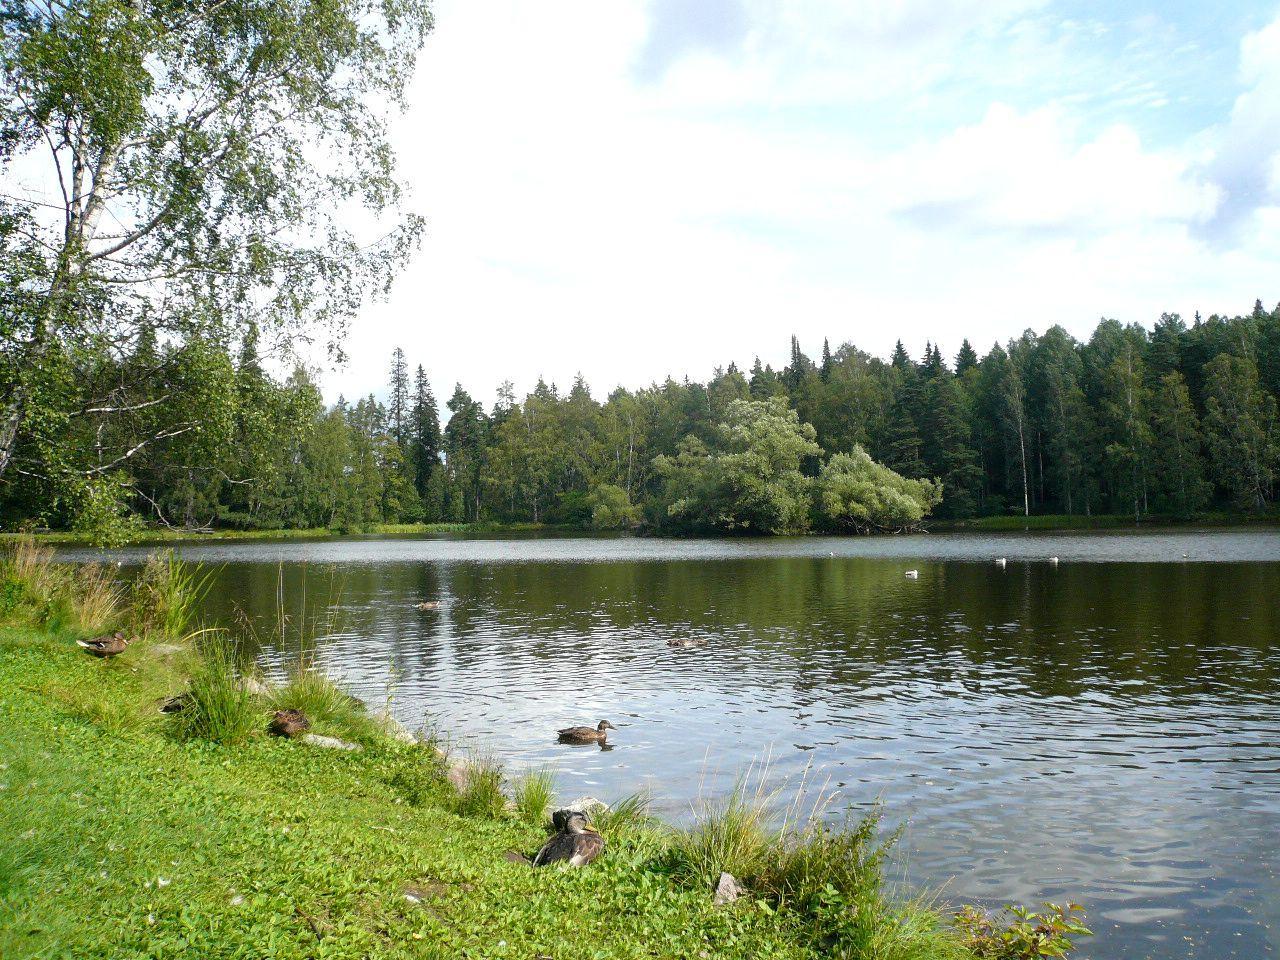 森と湖の国フィンランド デザイン紀行 ~アアルト建築を訪ねて